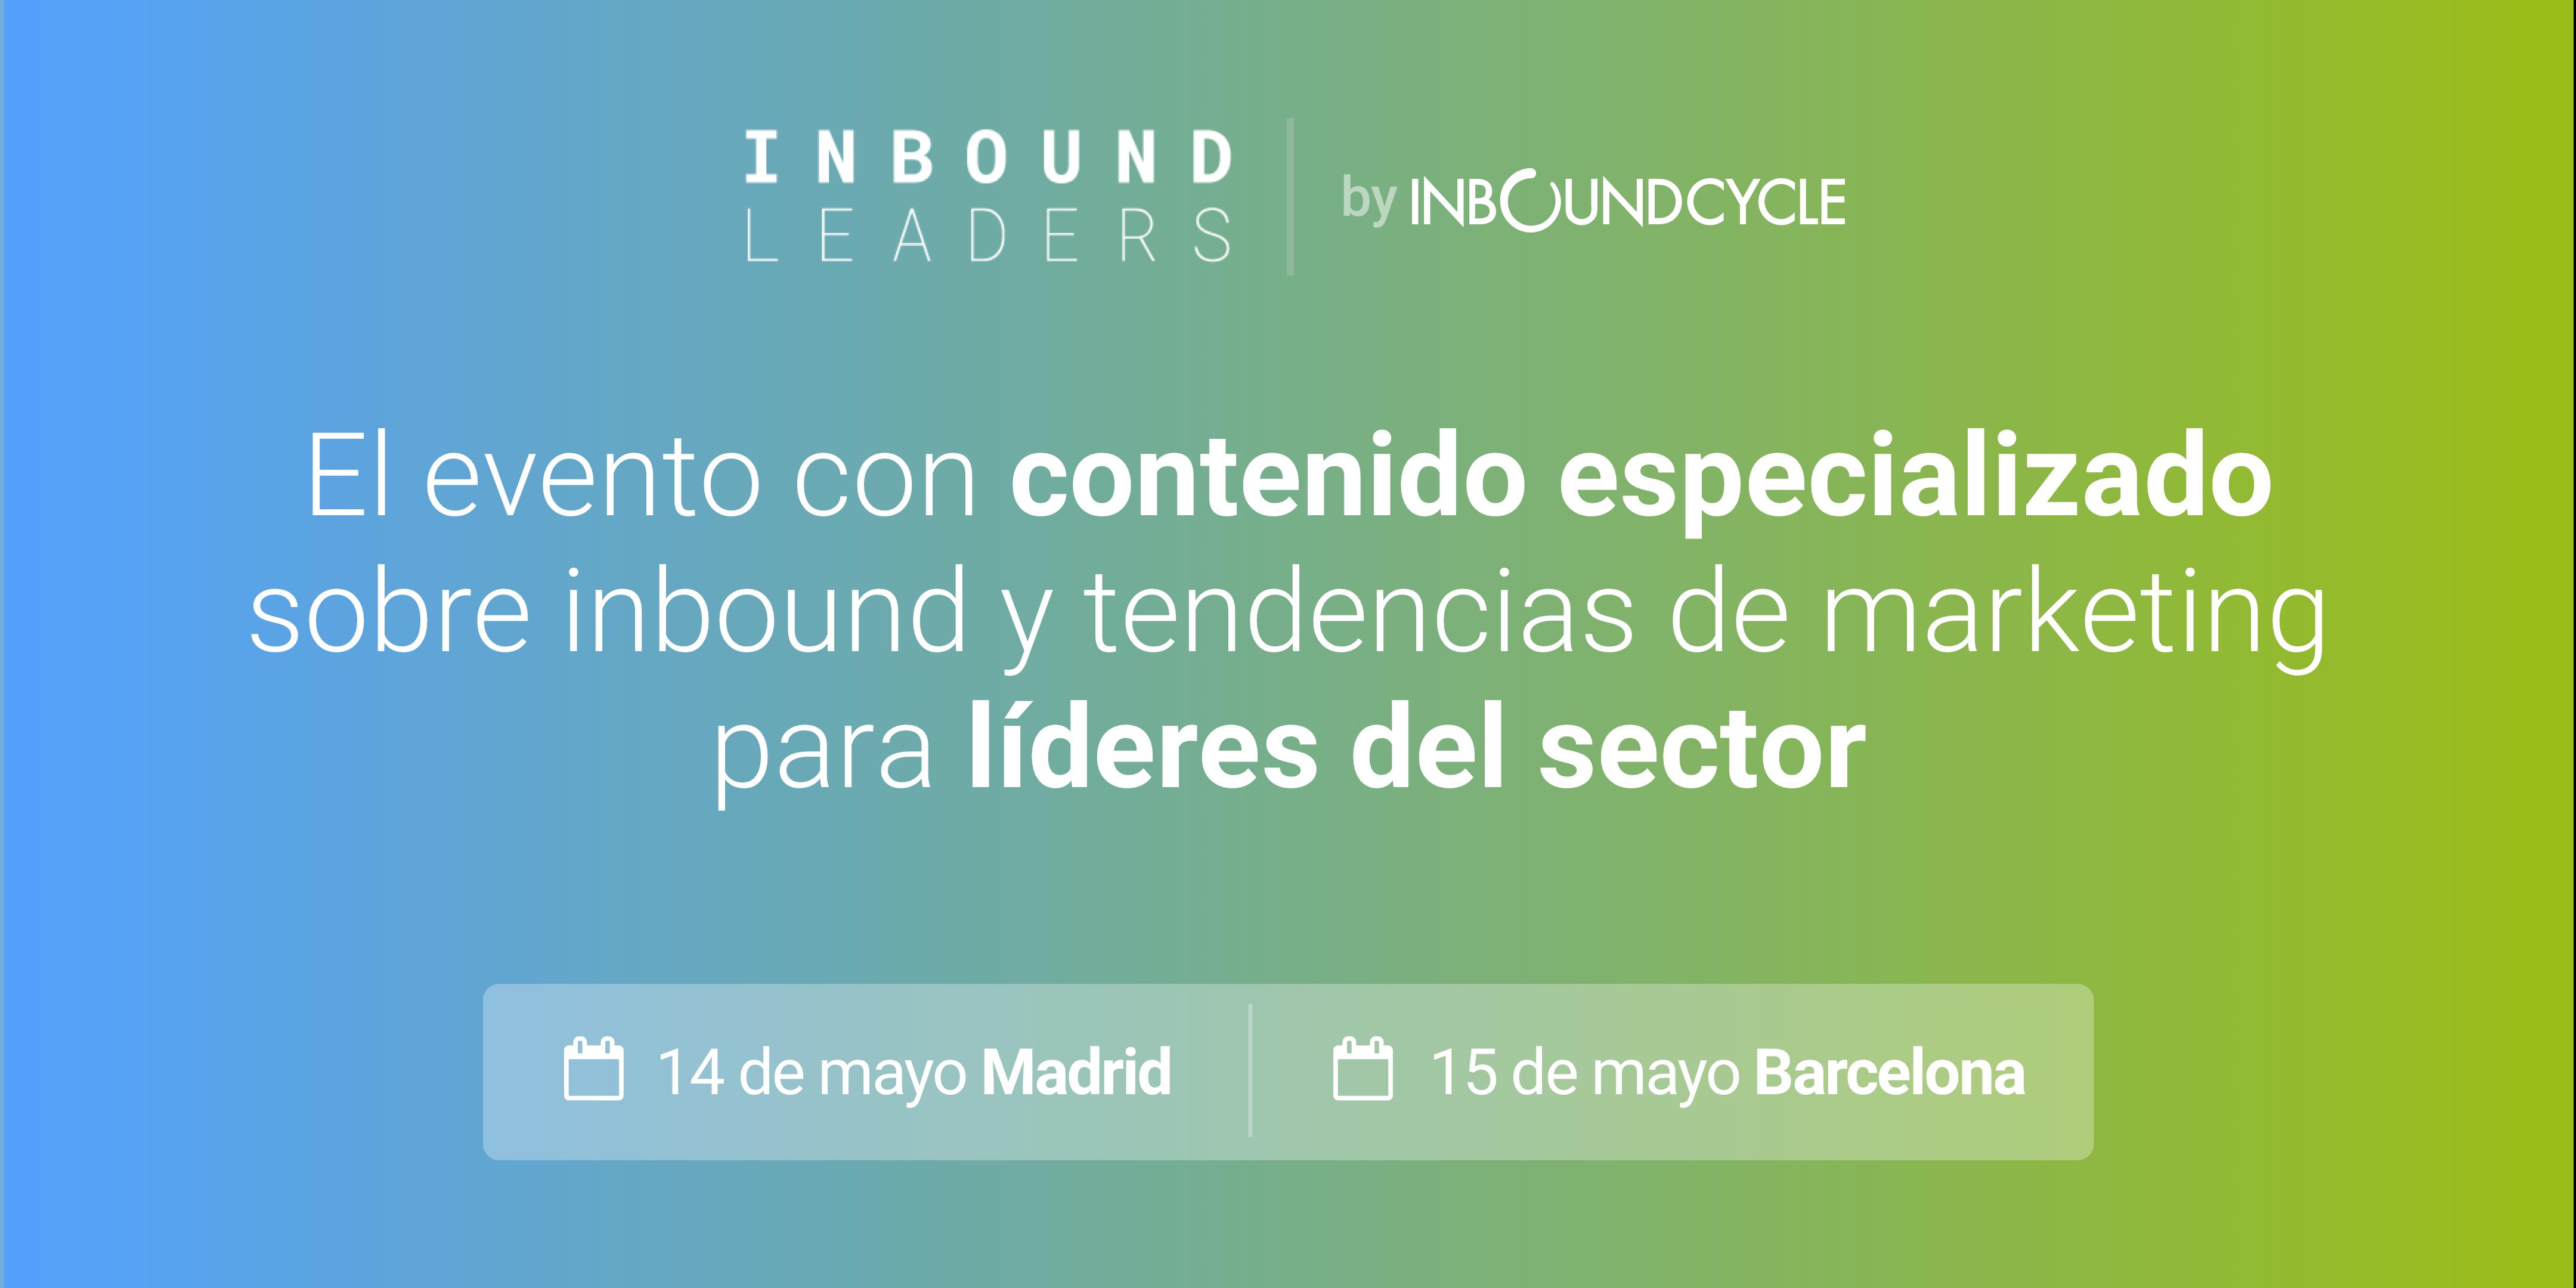 La 8ª edición del Inbound Leaders se celebrará el mes de mayo en Madrid y Barcelona